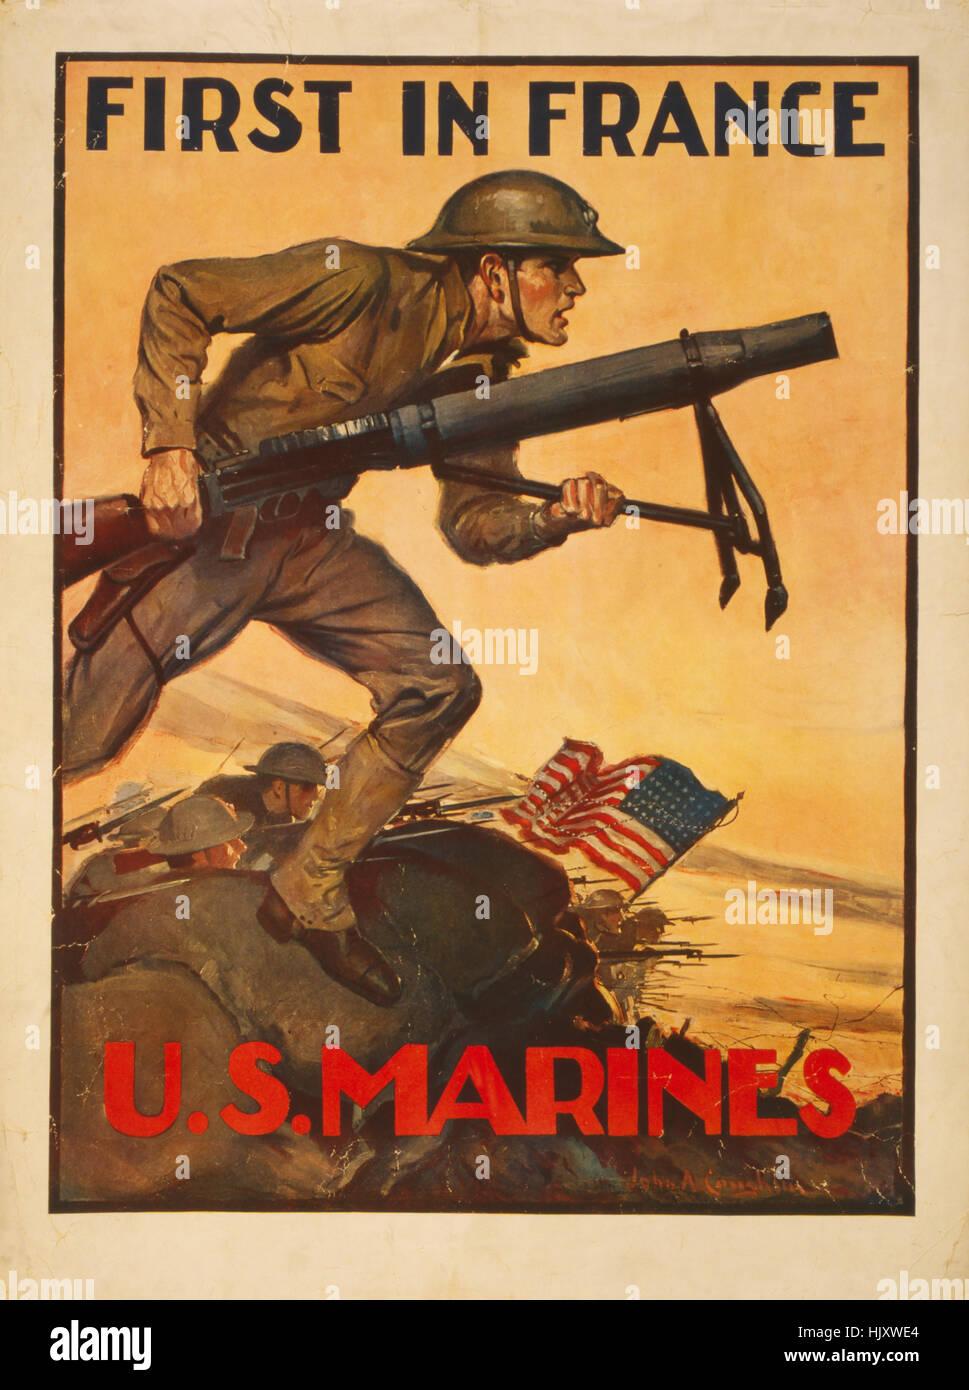 """Marines américains à lutter contre """"le premier en France, U.S. Marines', la Première Guerre mondiale affiche de Banque D'Images"""